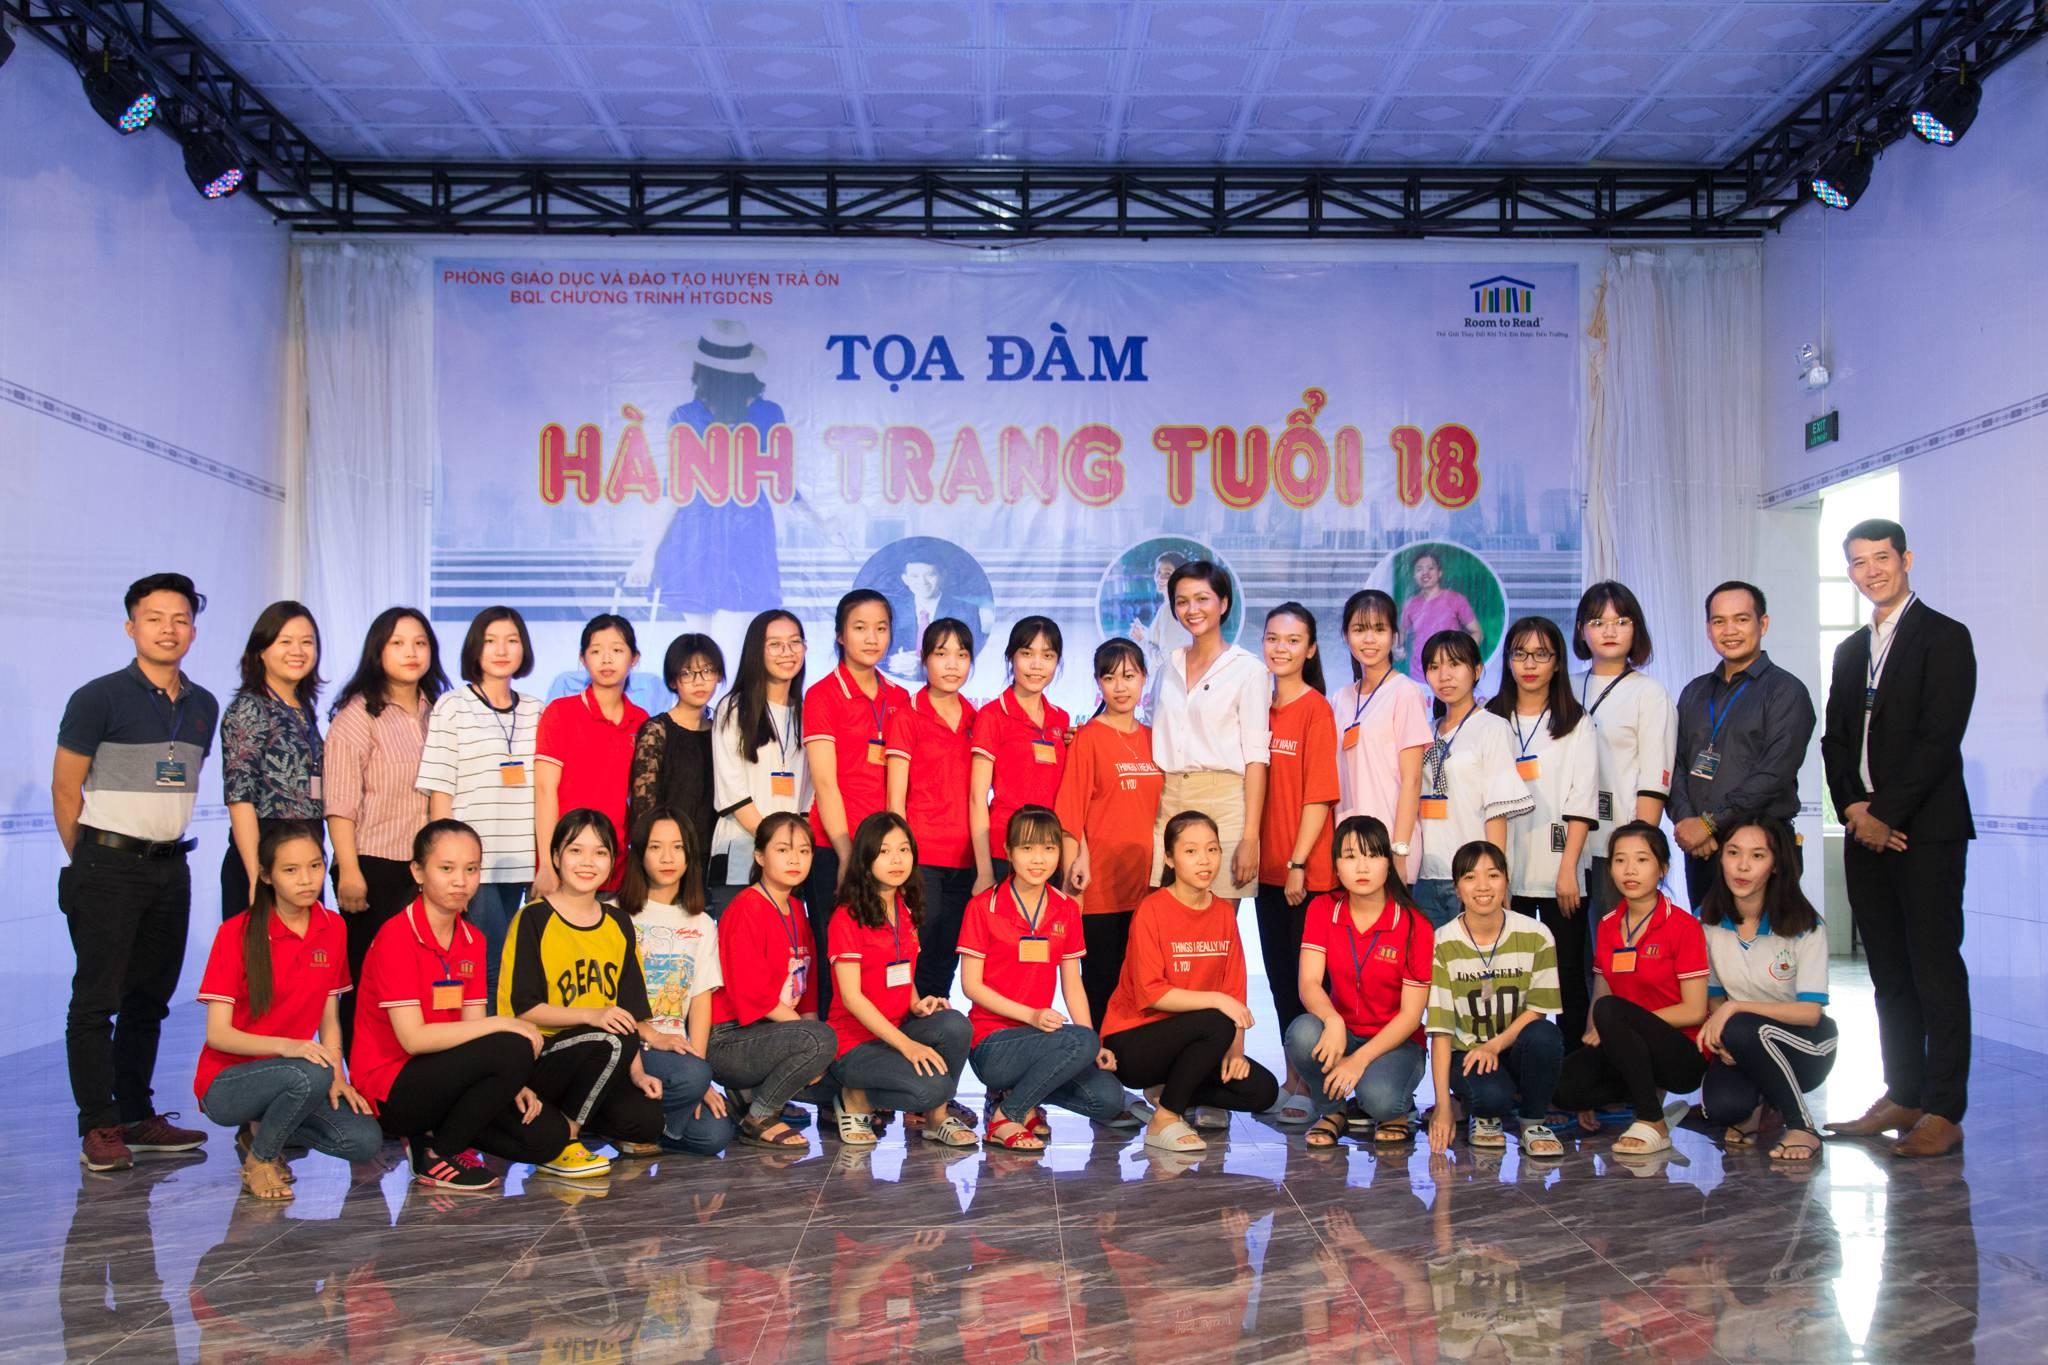 Hoa-Hau-HHen-Nie_Tham-gia-trai-he-nu-sinh-tai-Vinh-Long-2